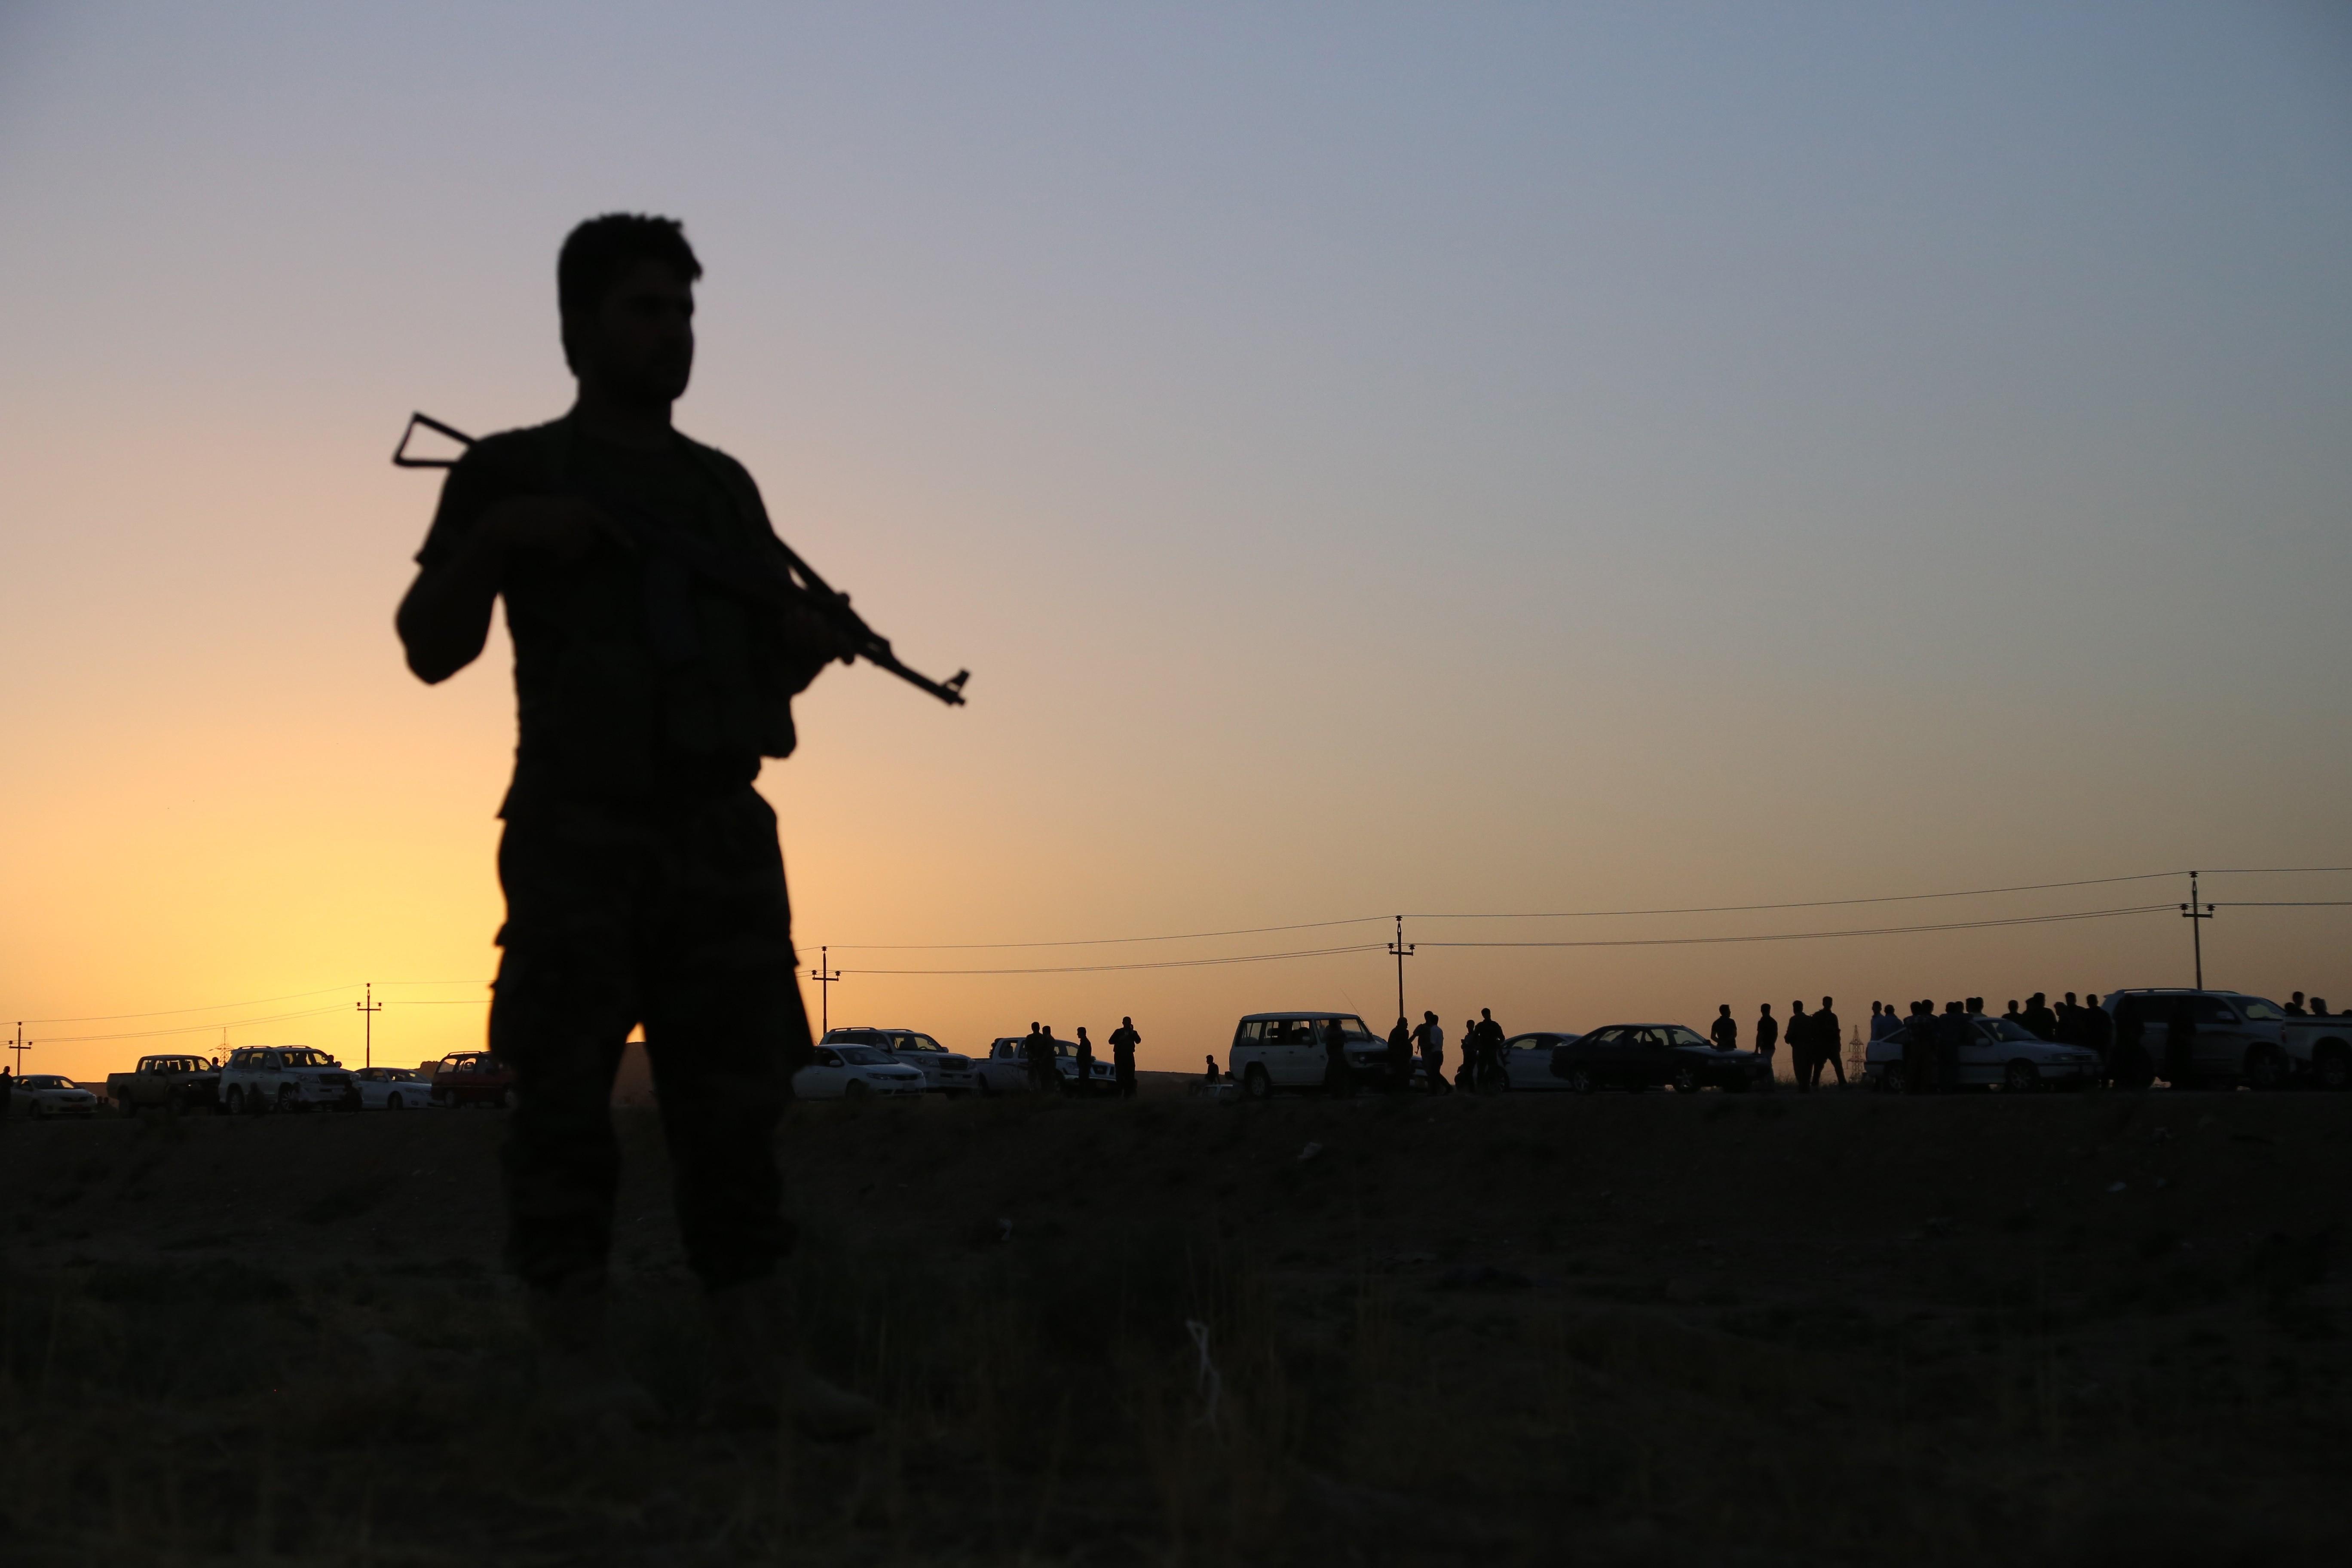 Peshmerga fighter Mosul